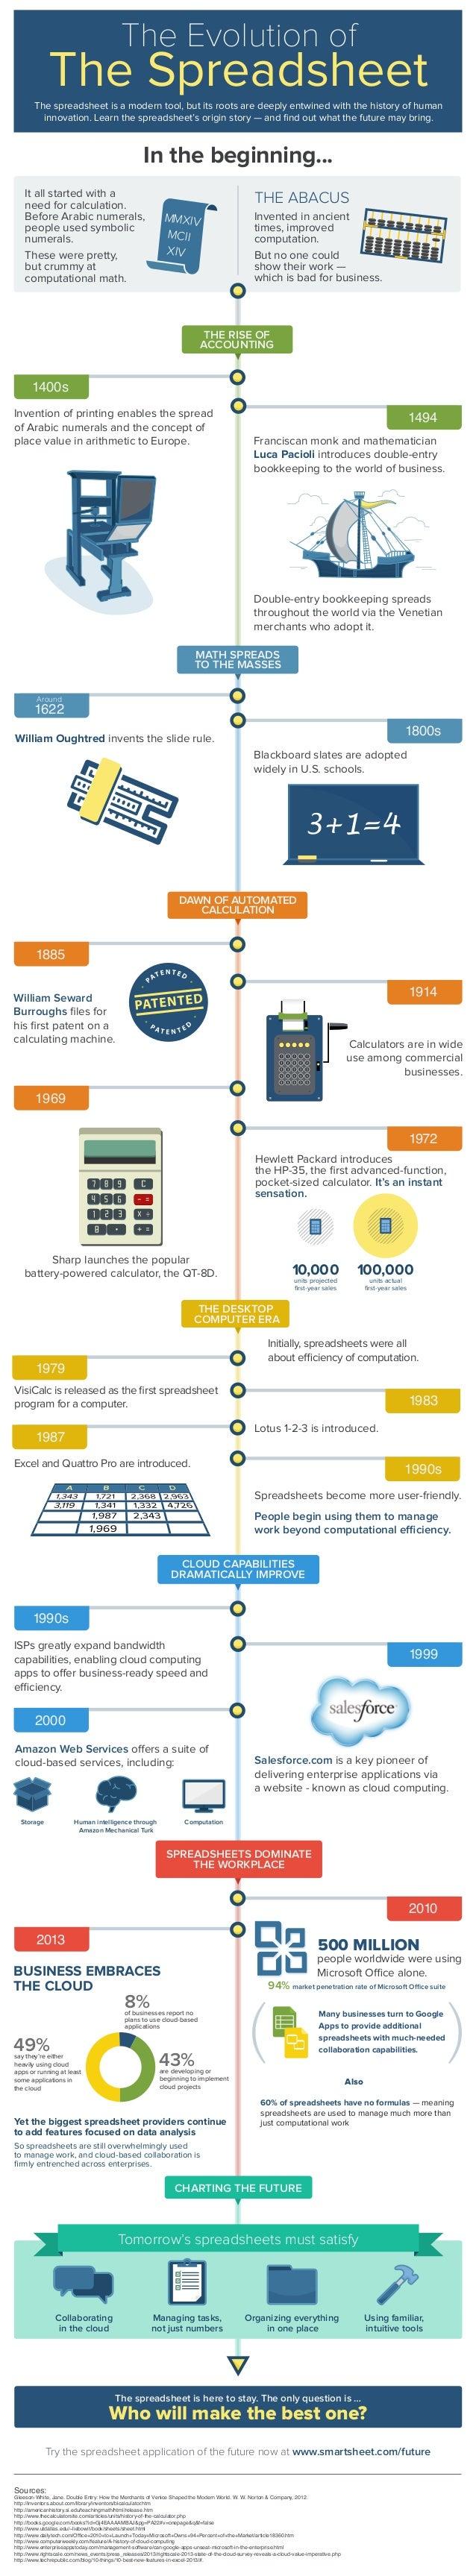 Evolution of the Spreadsheet